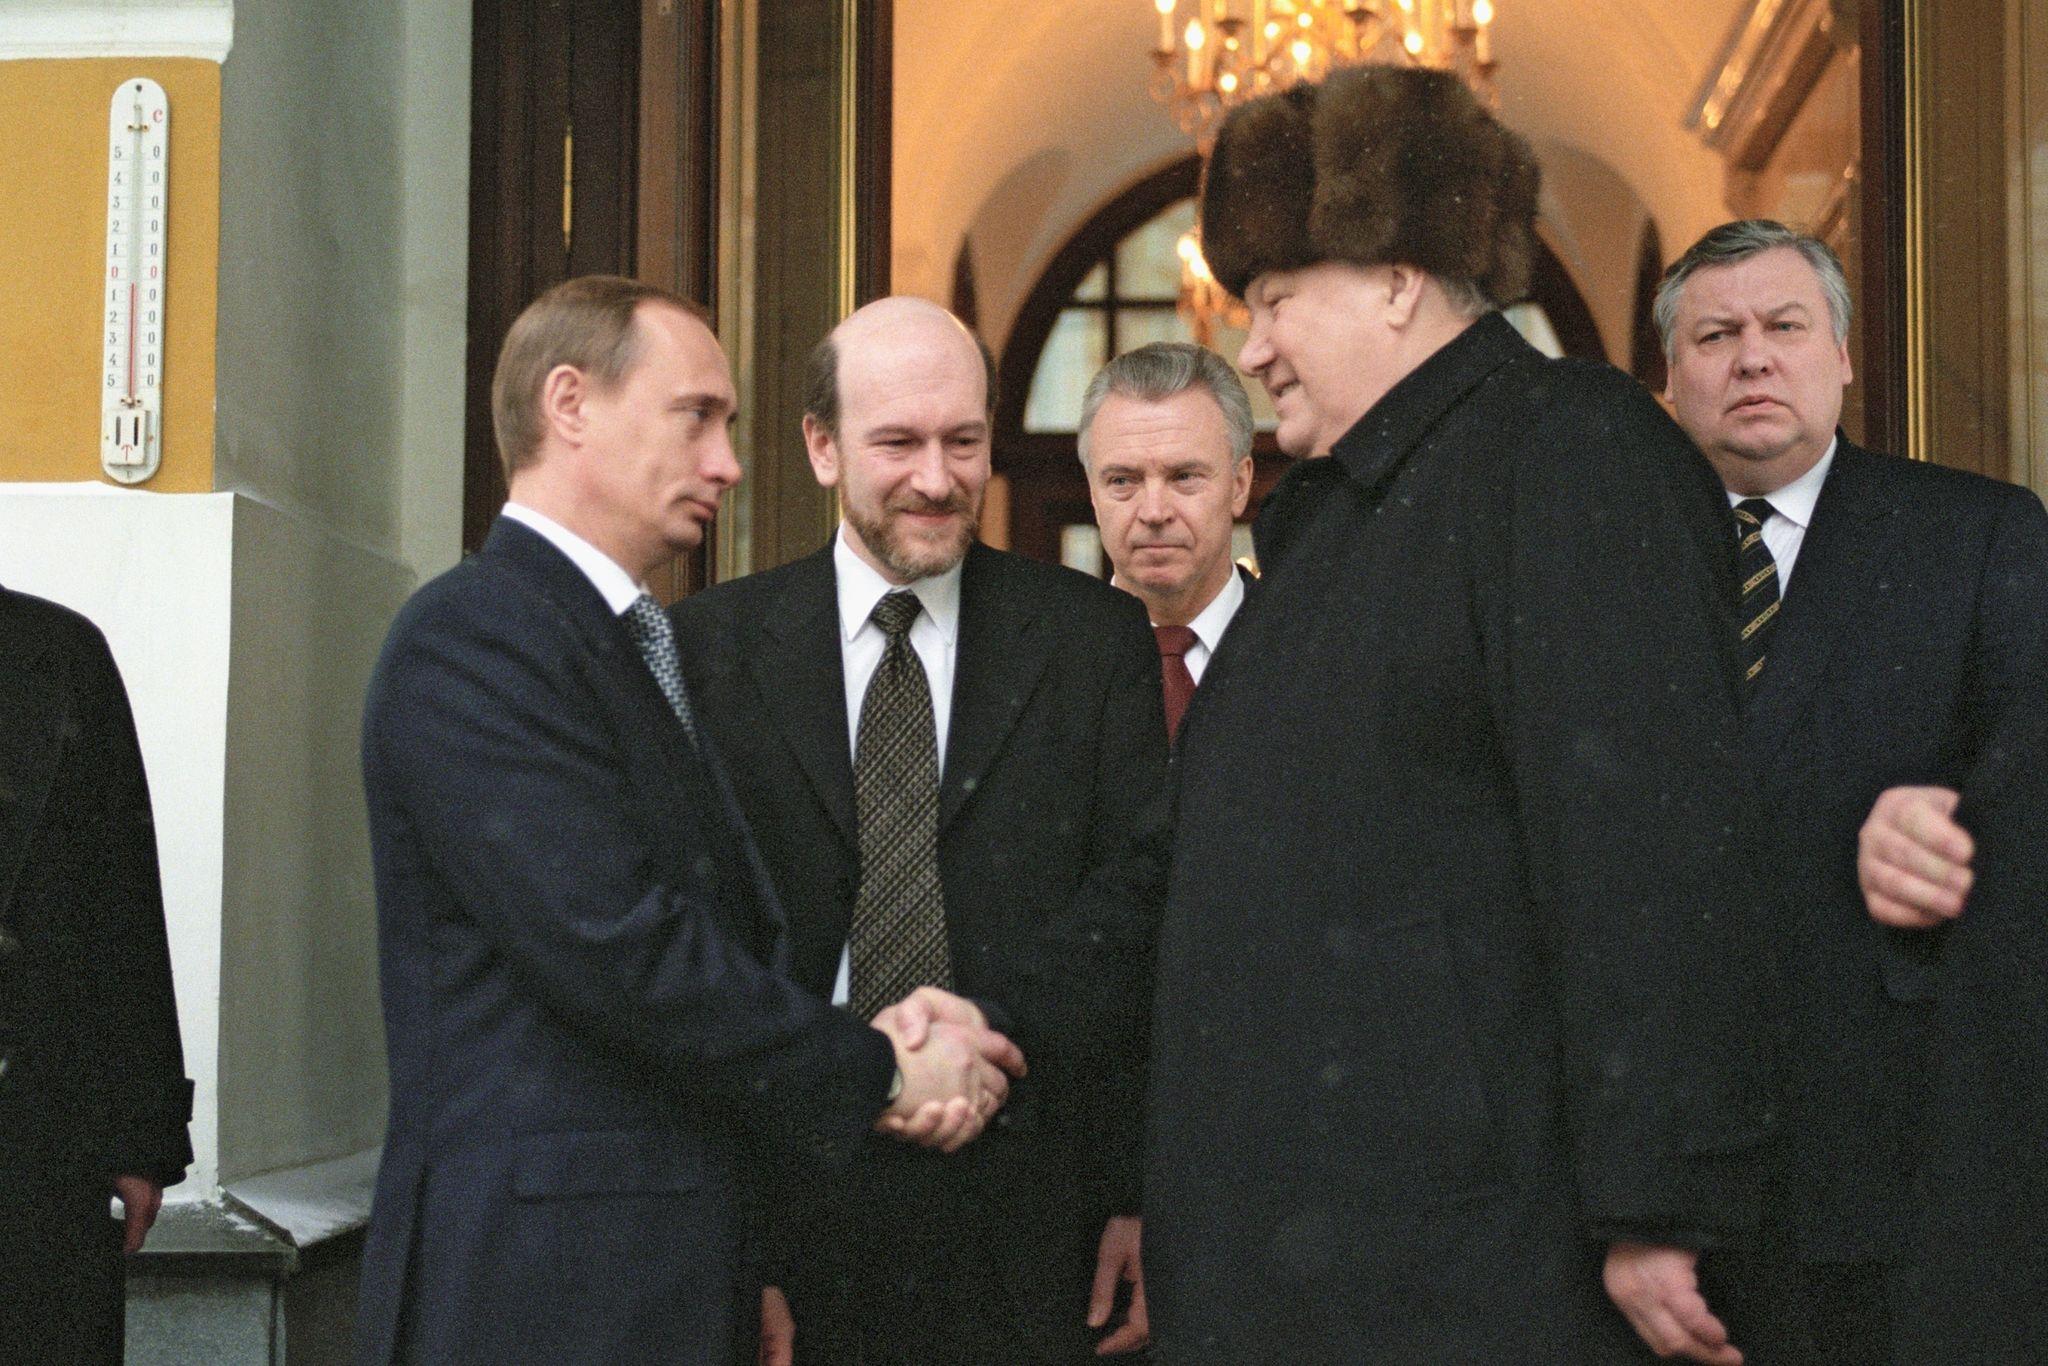 1999. Уходящий президент России Борис Ельцин пожимает руку исполняющему обязанности президента Владимиру Путину, покидая московс